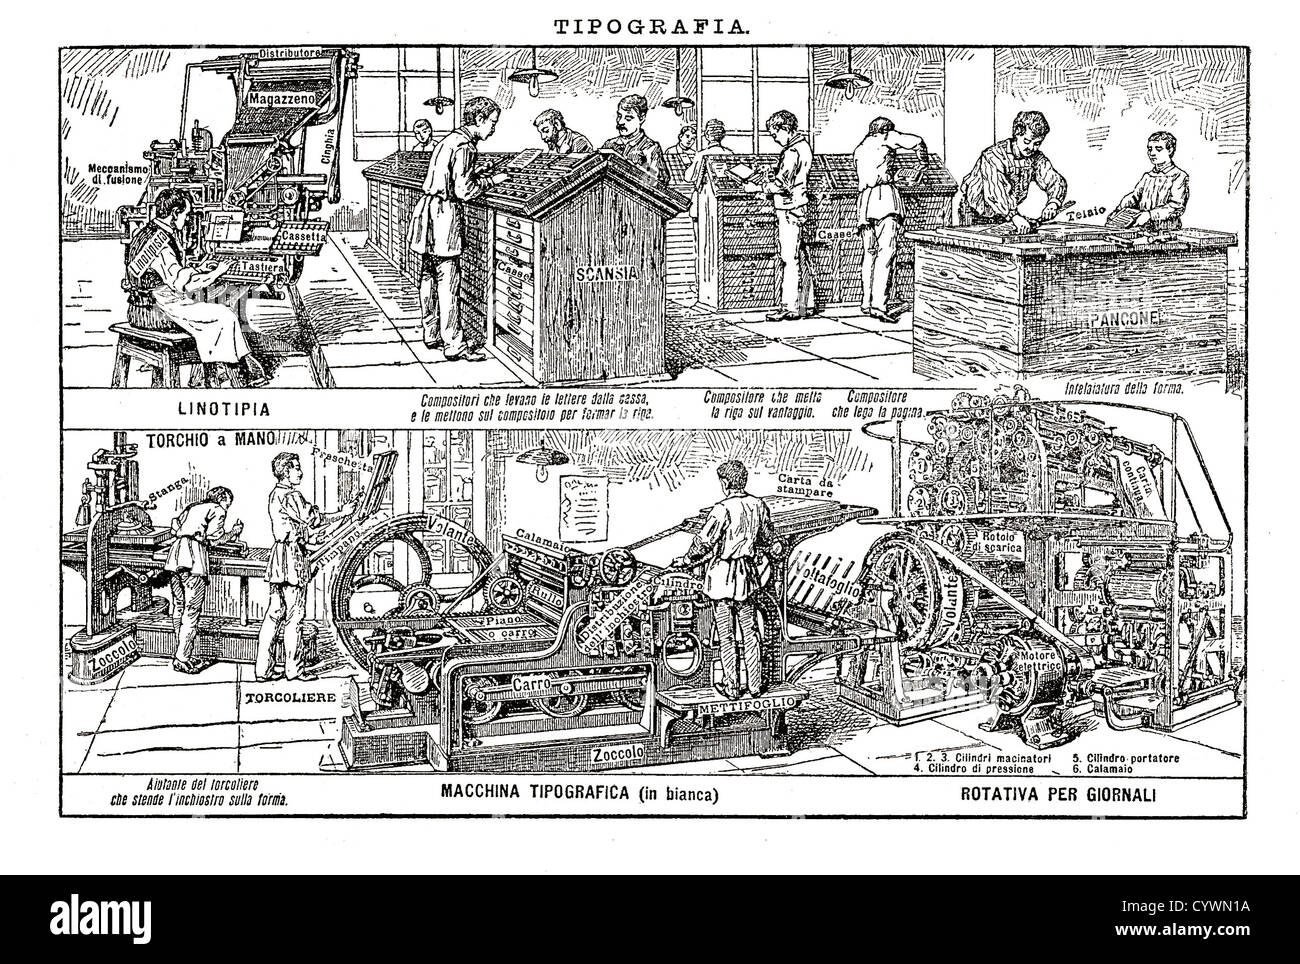 Vintage in bianco e nero tabella: tipografia, vecchia tipografia rotativa macchina e attrezzatura Immagini Stock